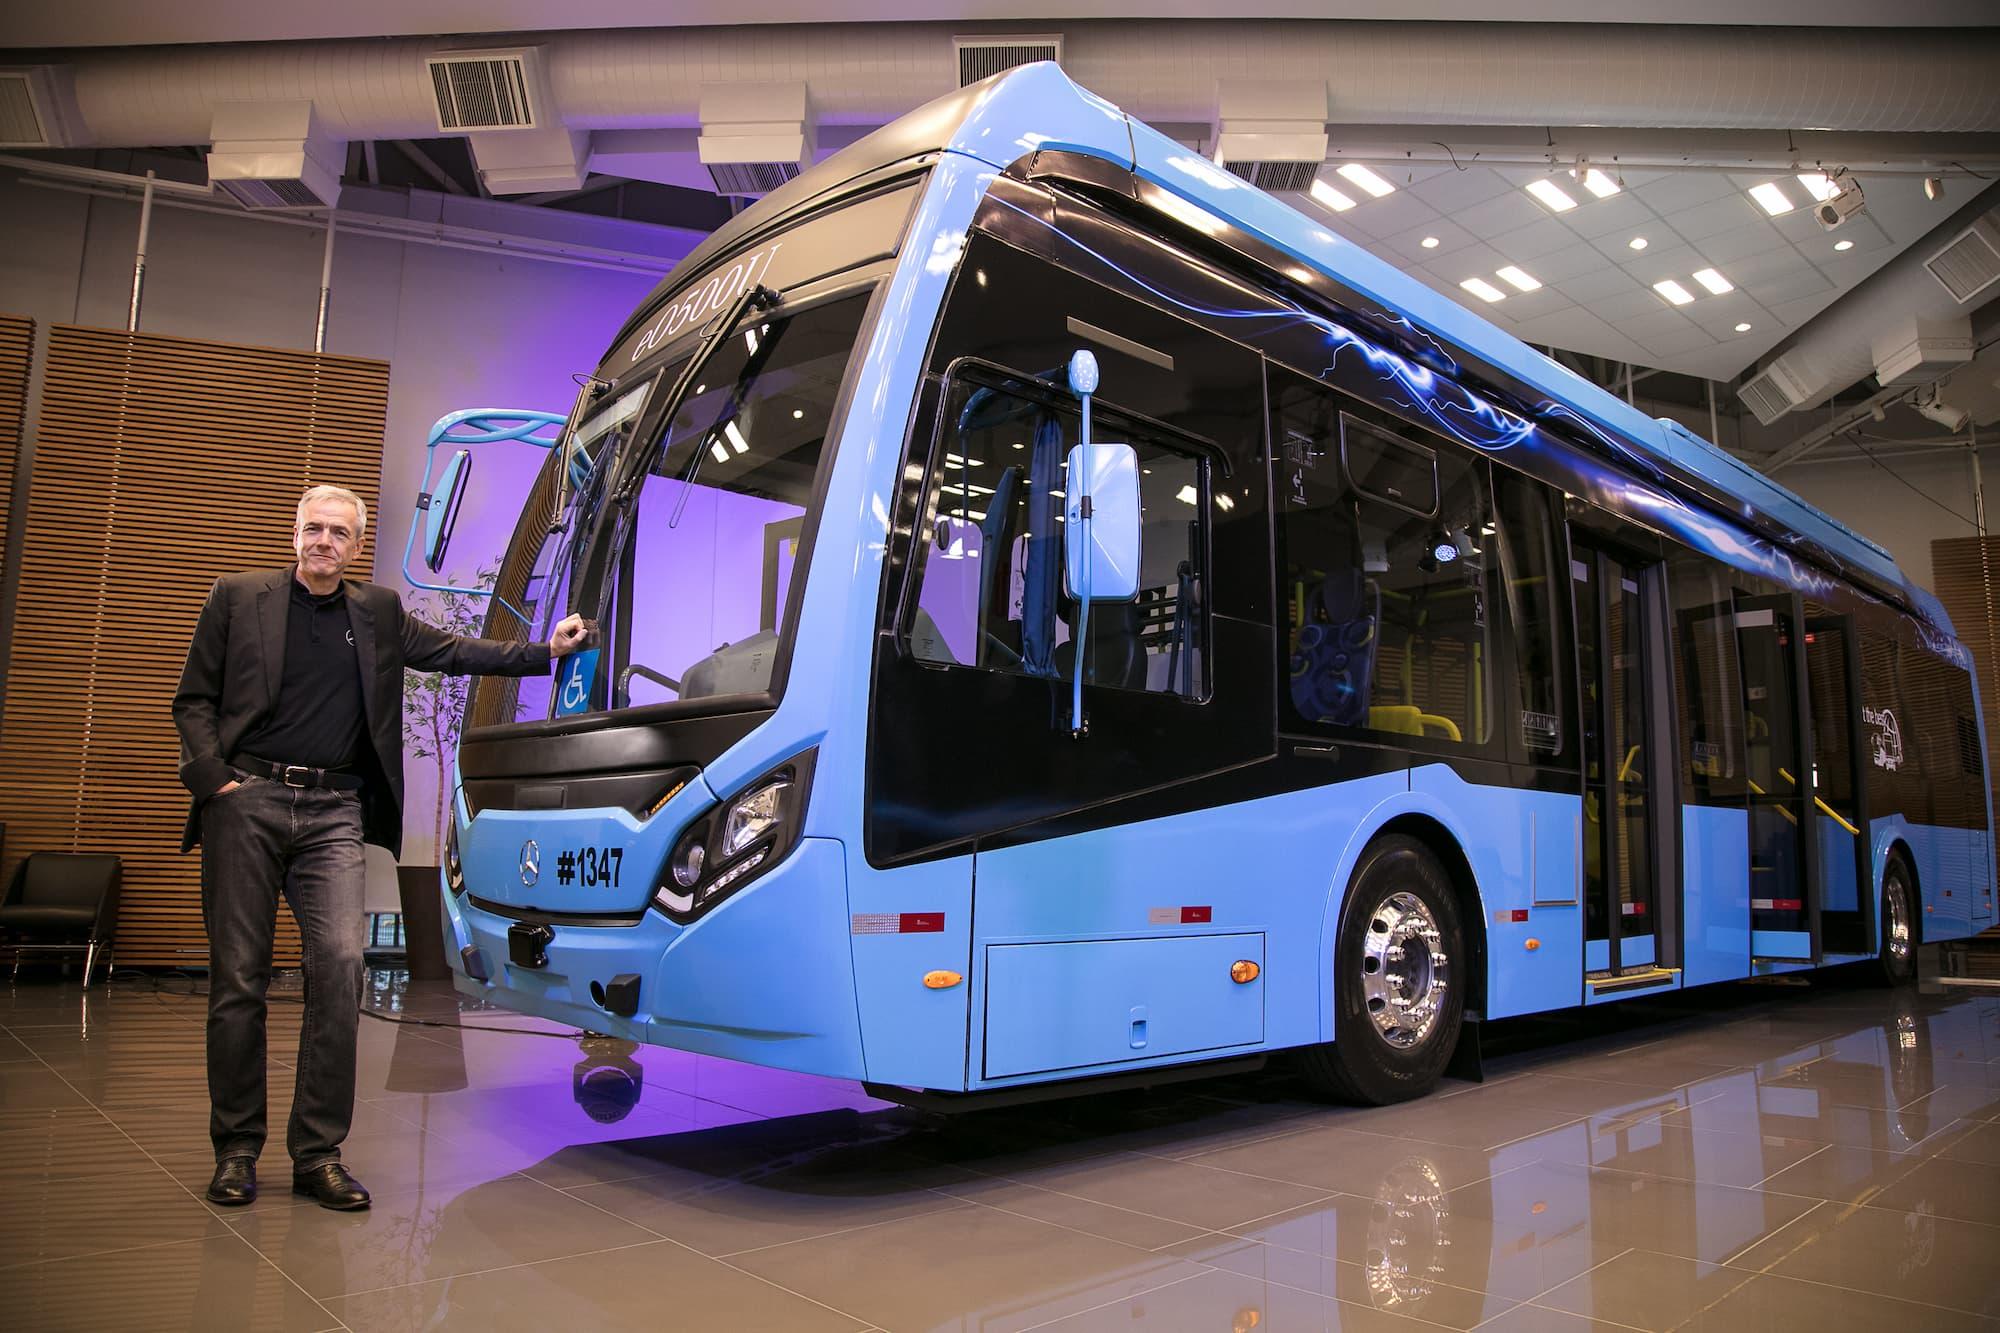 Mercedes-Benz ingressa na era da eletromobilidade com o primeiro ônibus elétrico da marca no Brasil